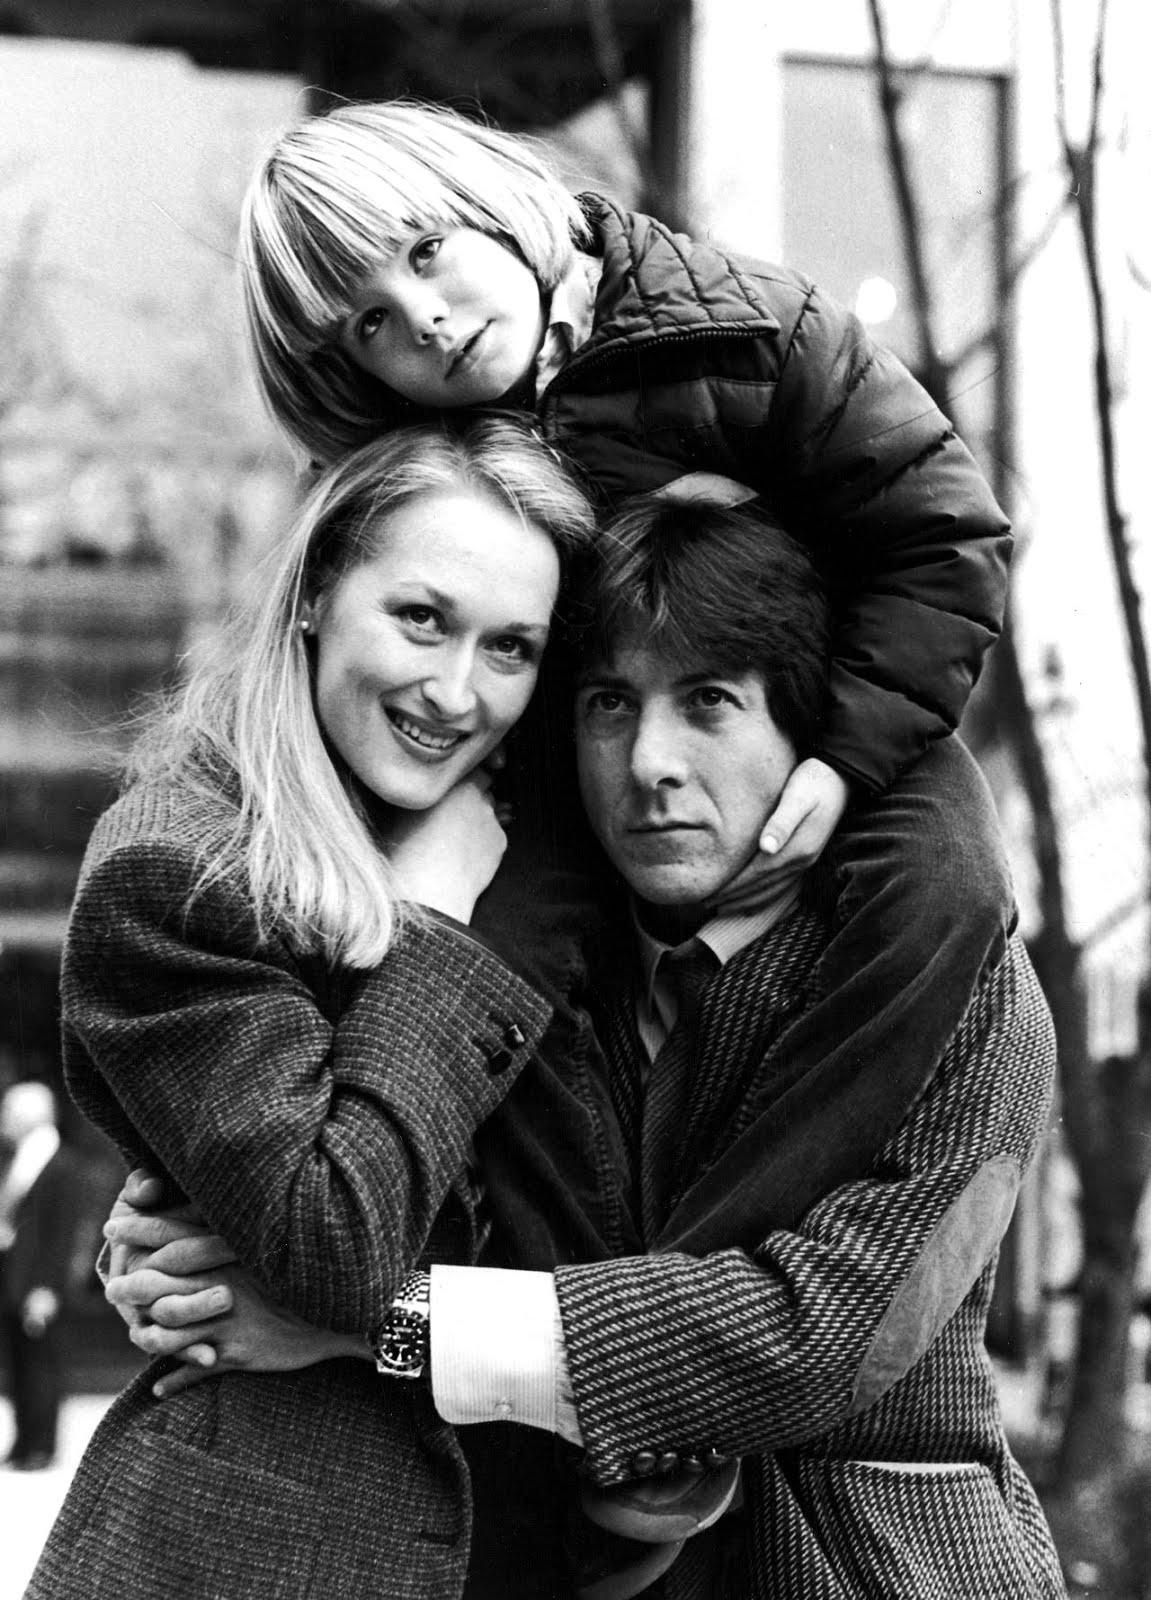 http://2.bp.blogspot.com/-zI2PL1J-Rdg/UJuFp3NhEnI/AAAAAAAASzk/1MT0k4T0rFI/s1600/Dustin-Hoffman-with-Meryl-Streep-Kramer-v-Kramer-Rolex.jpg